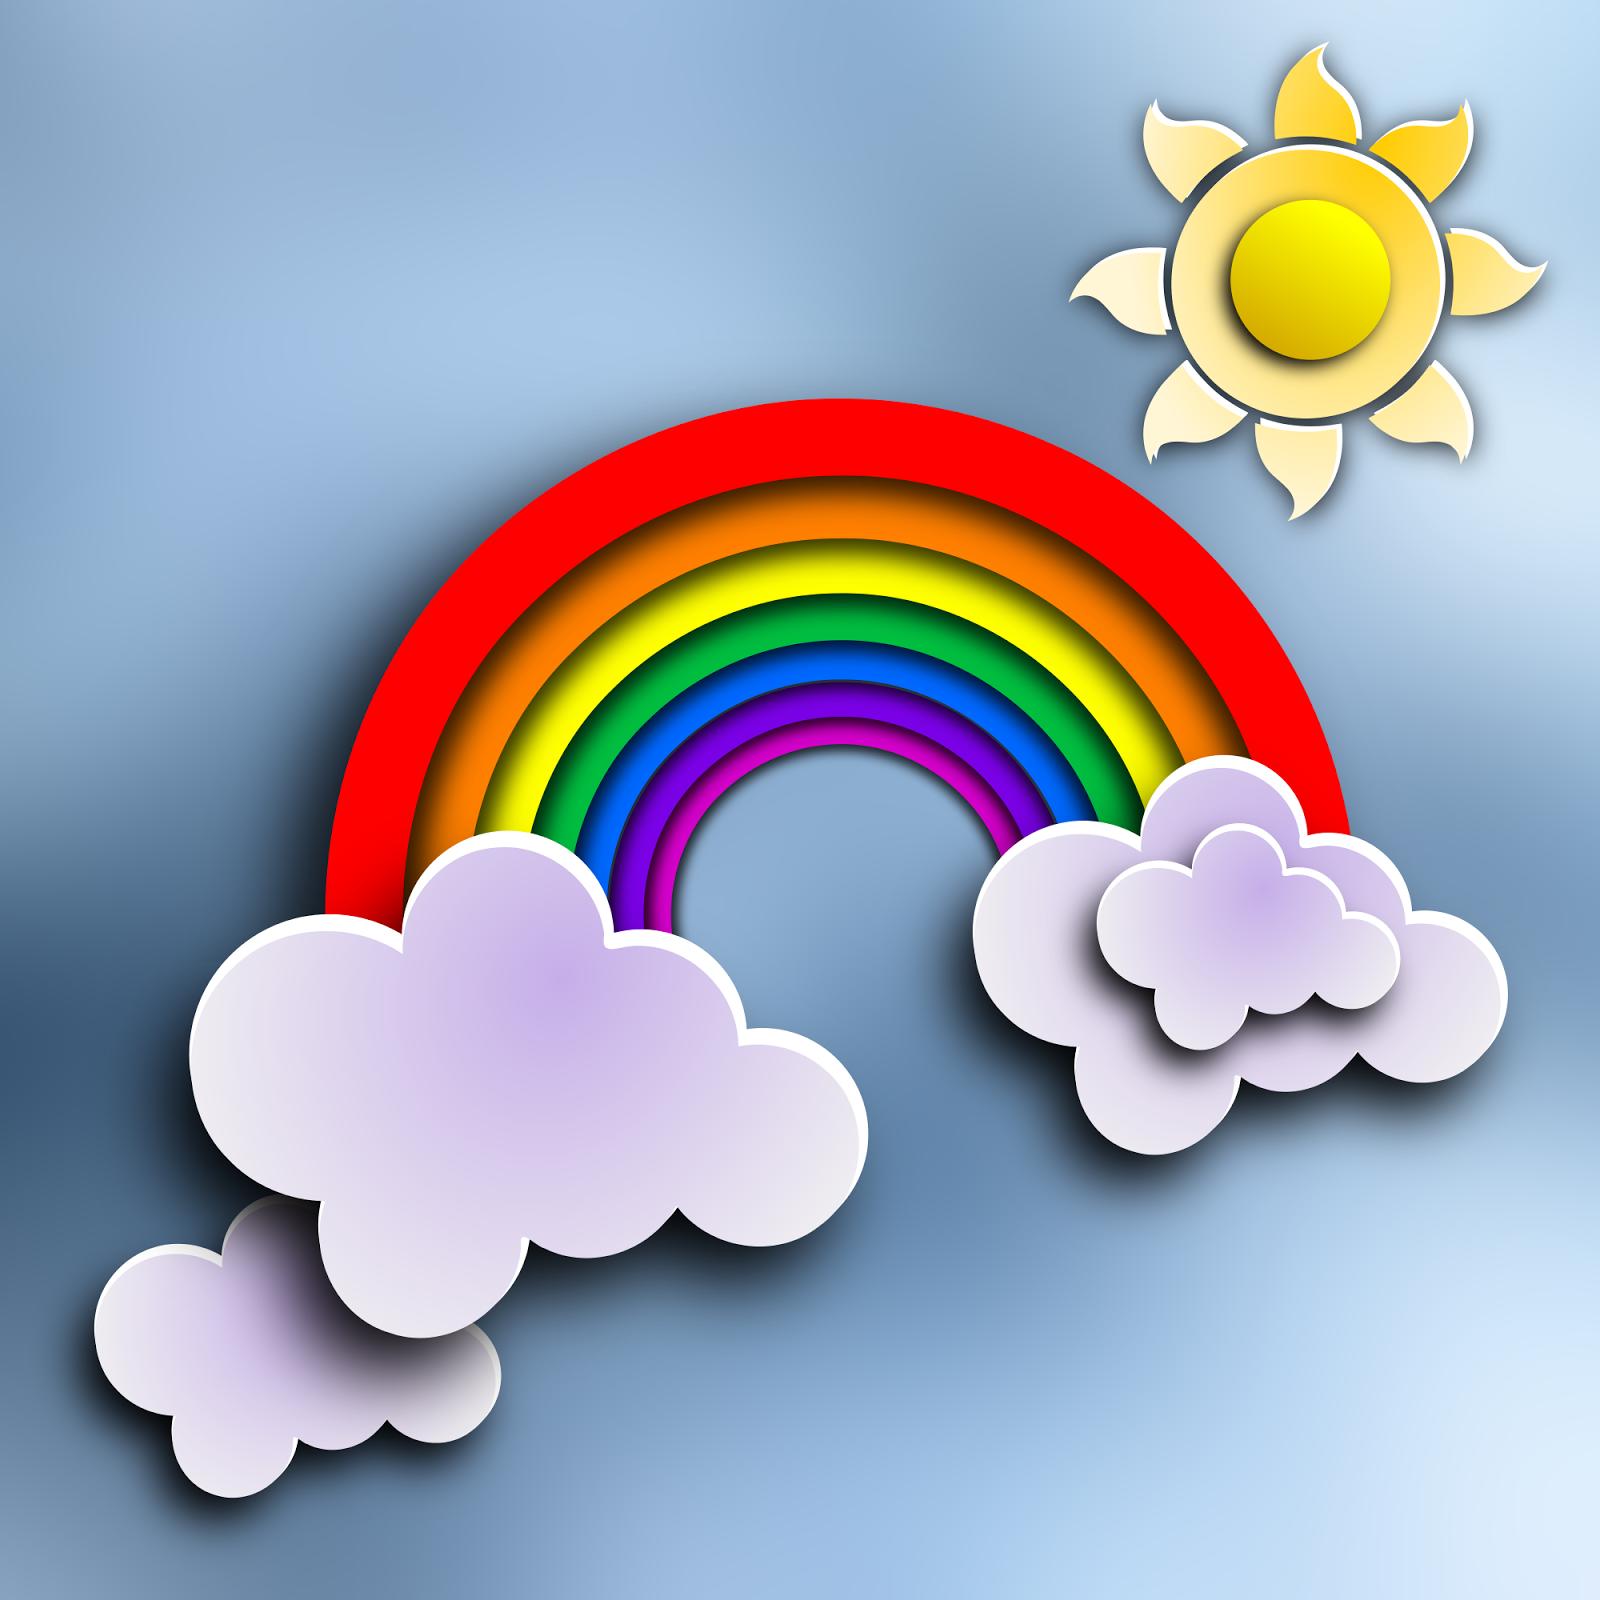 картинка тучка солнце радуга птичка функциональностью кованые мостики